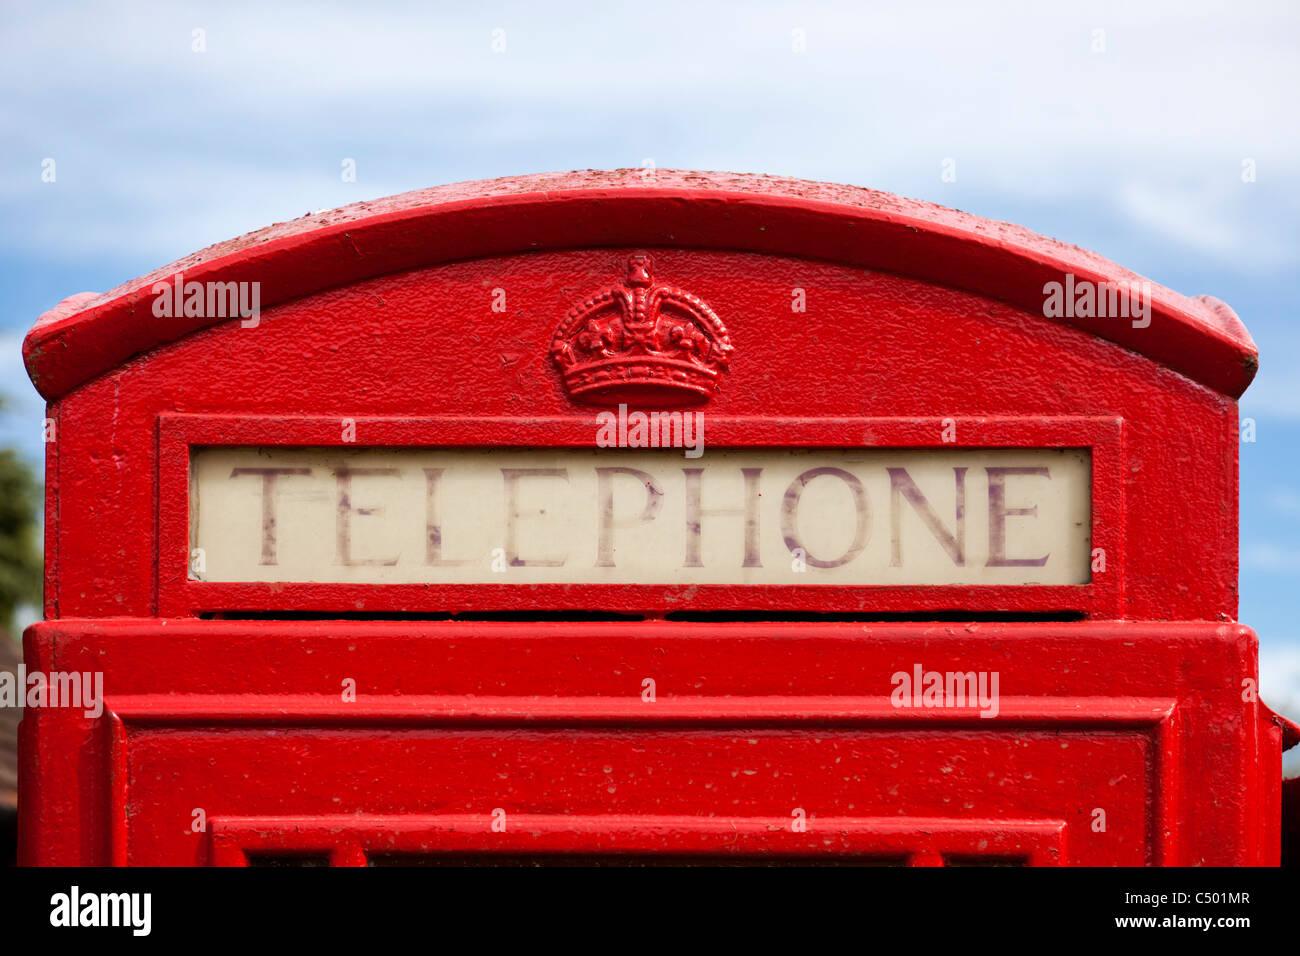 Phone box detail, England, UK - Stock Image